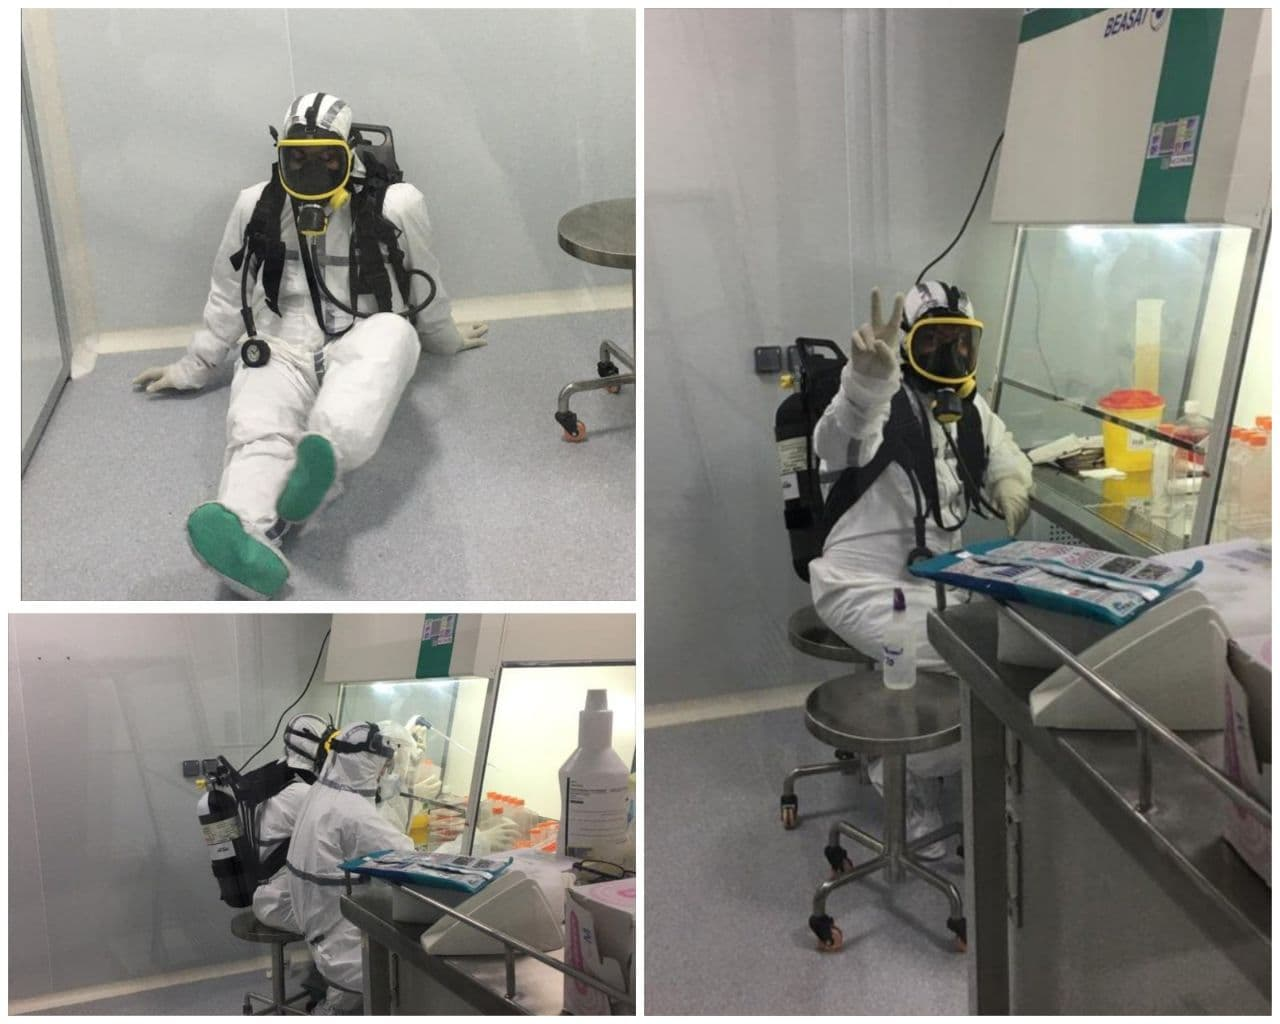 انتشار تصاویری از محققان ایرانی در حال ساخت واکسن کرونا، برای اولین بار